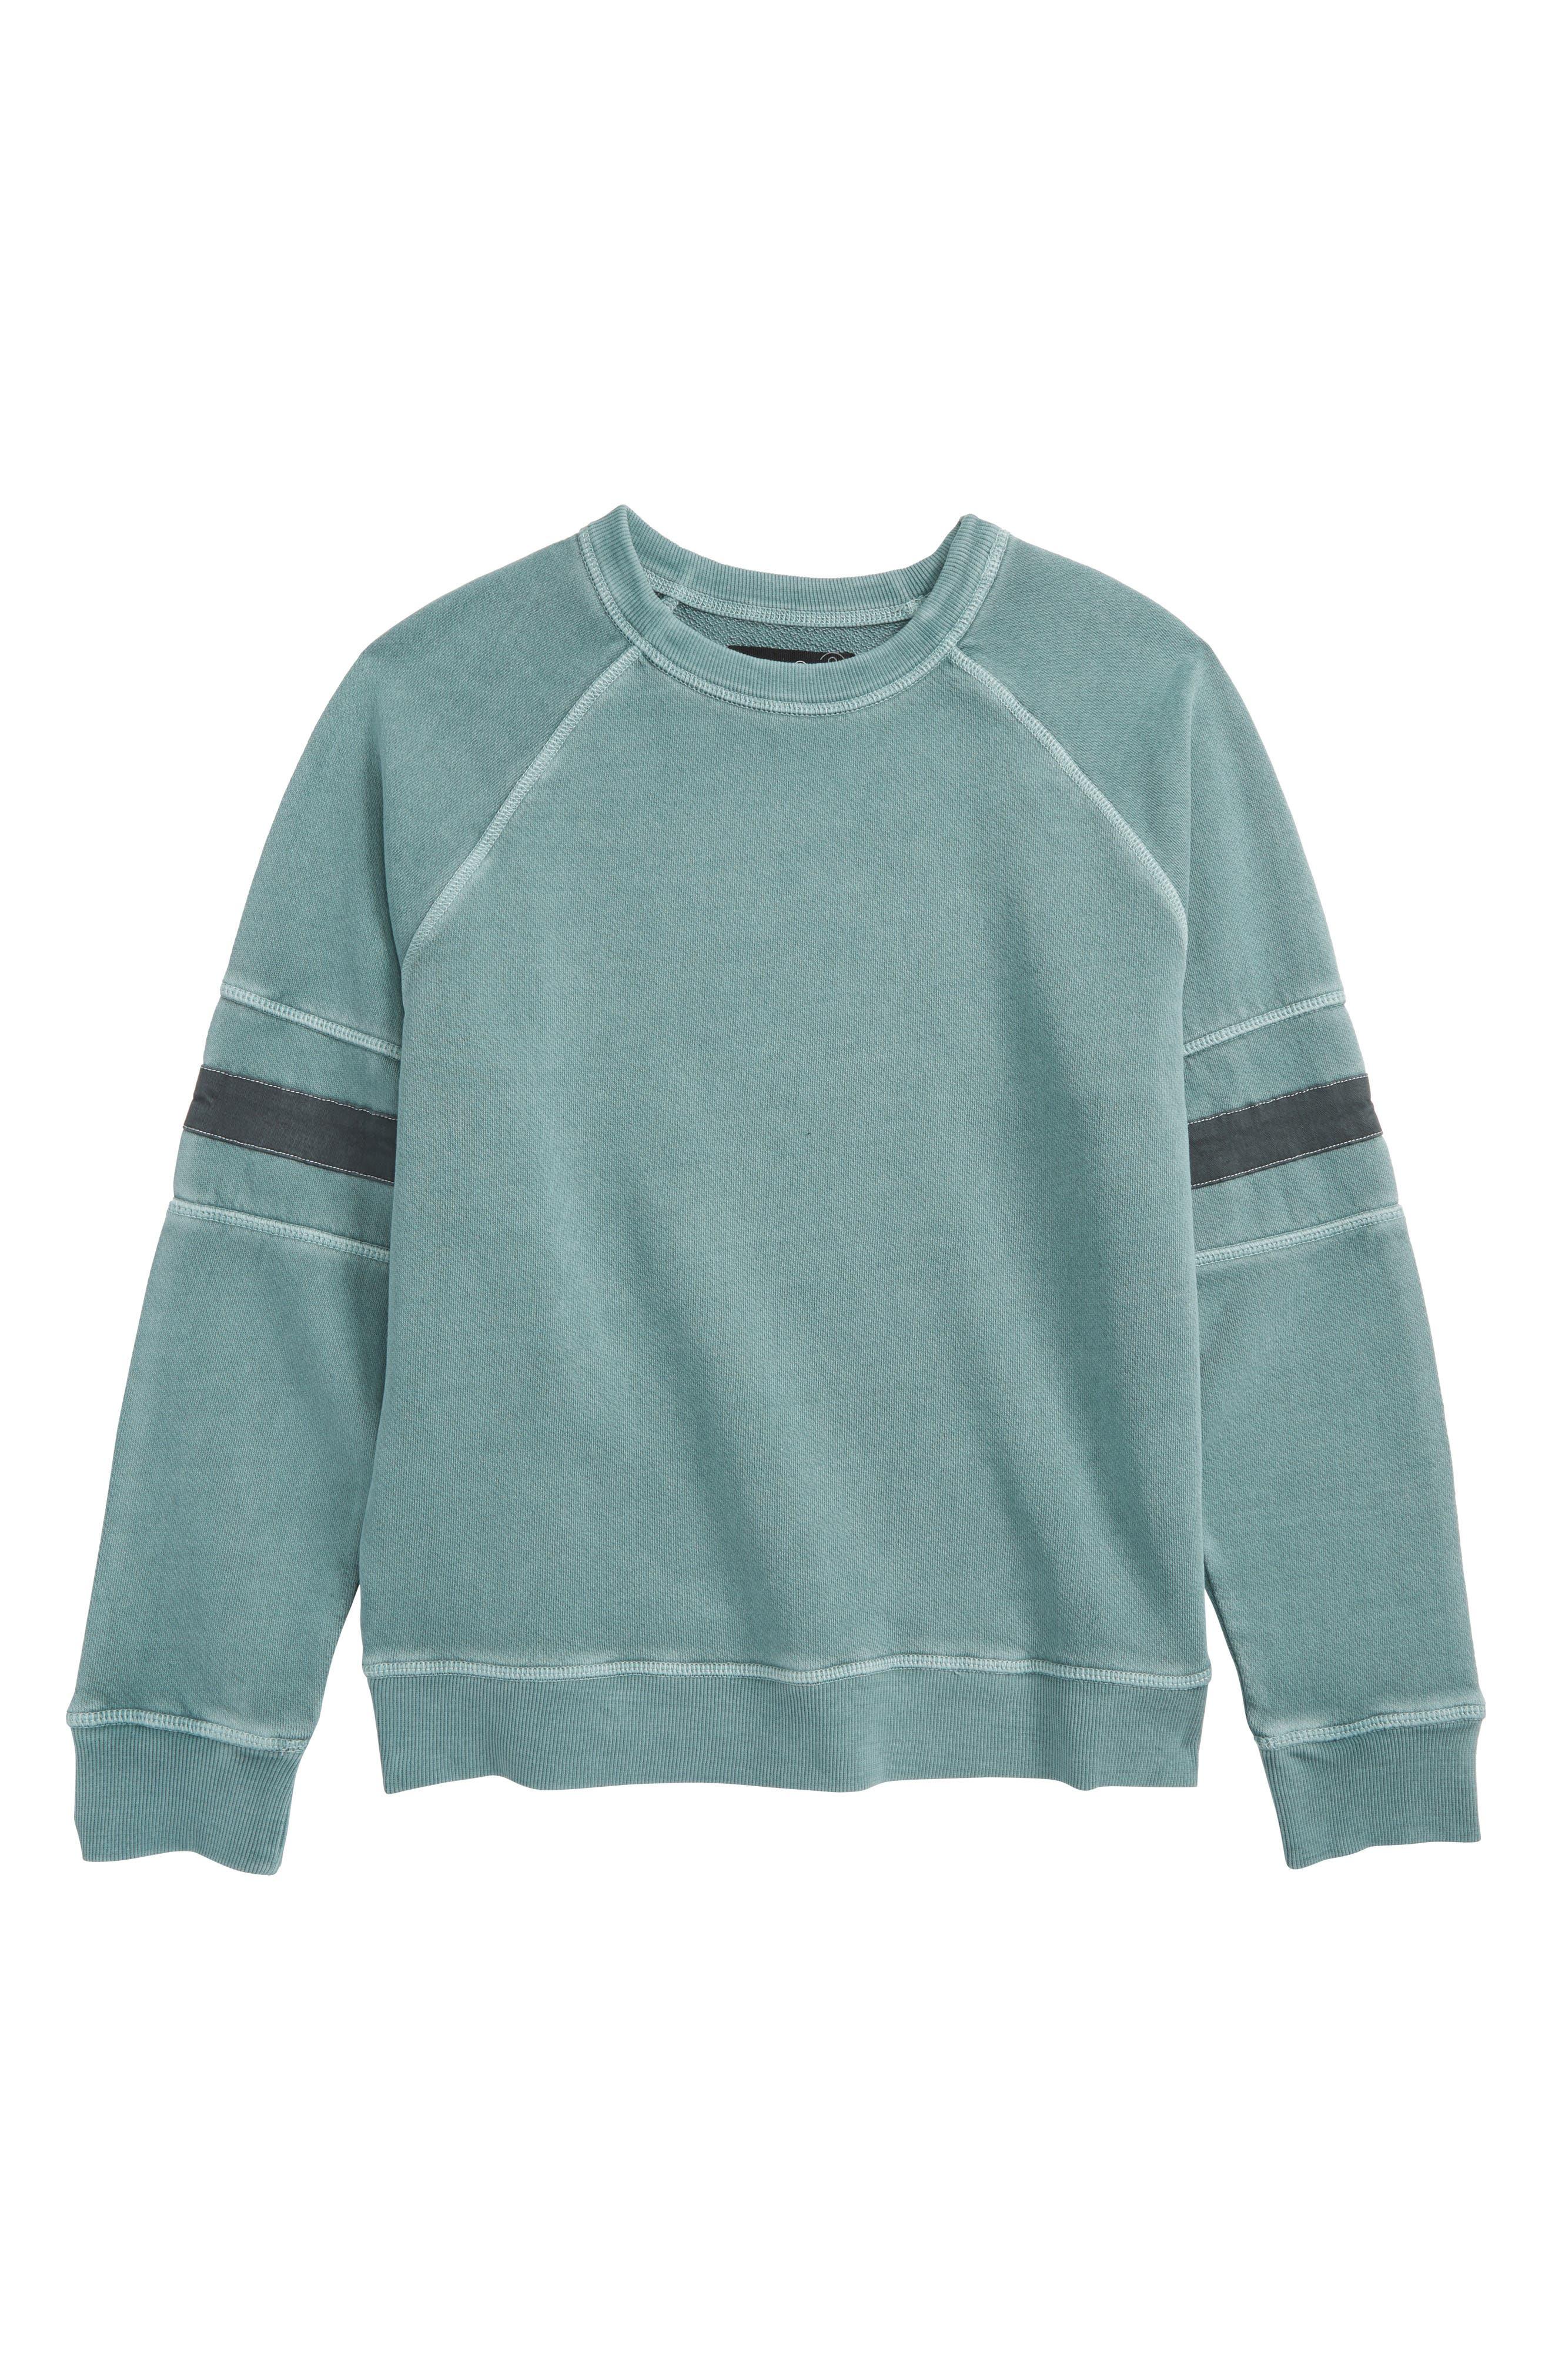 Washed Sweatshirt,                             Main thumbnail 1, color,                             445